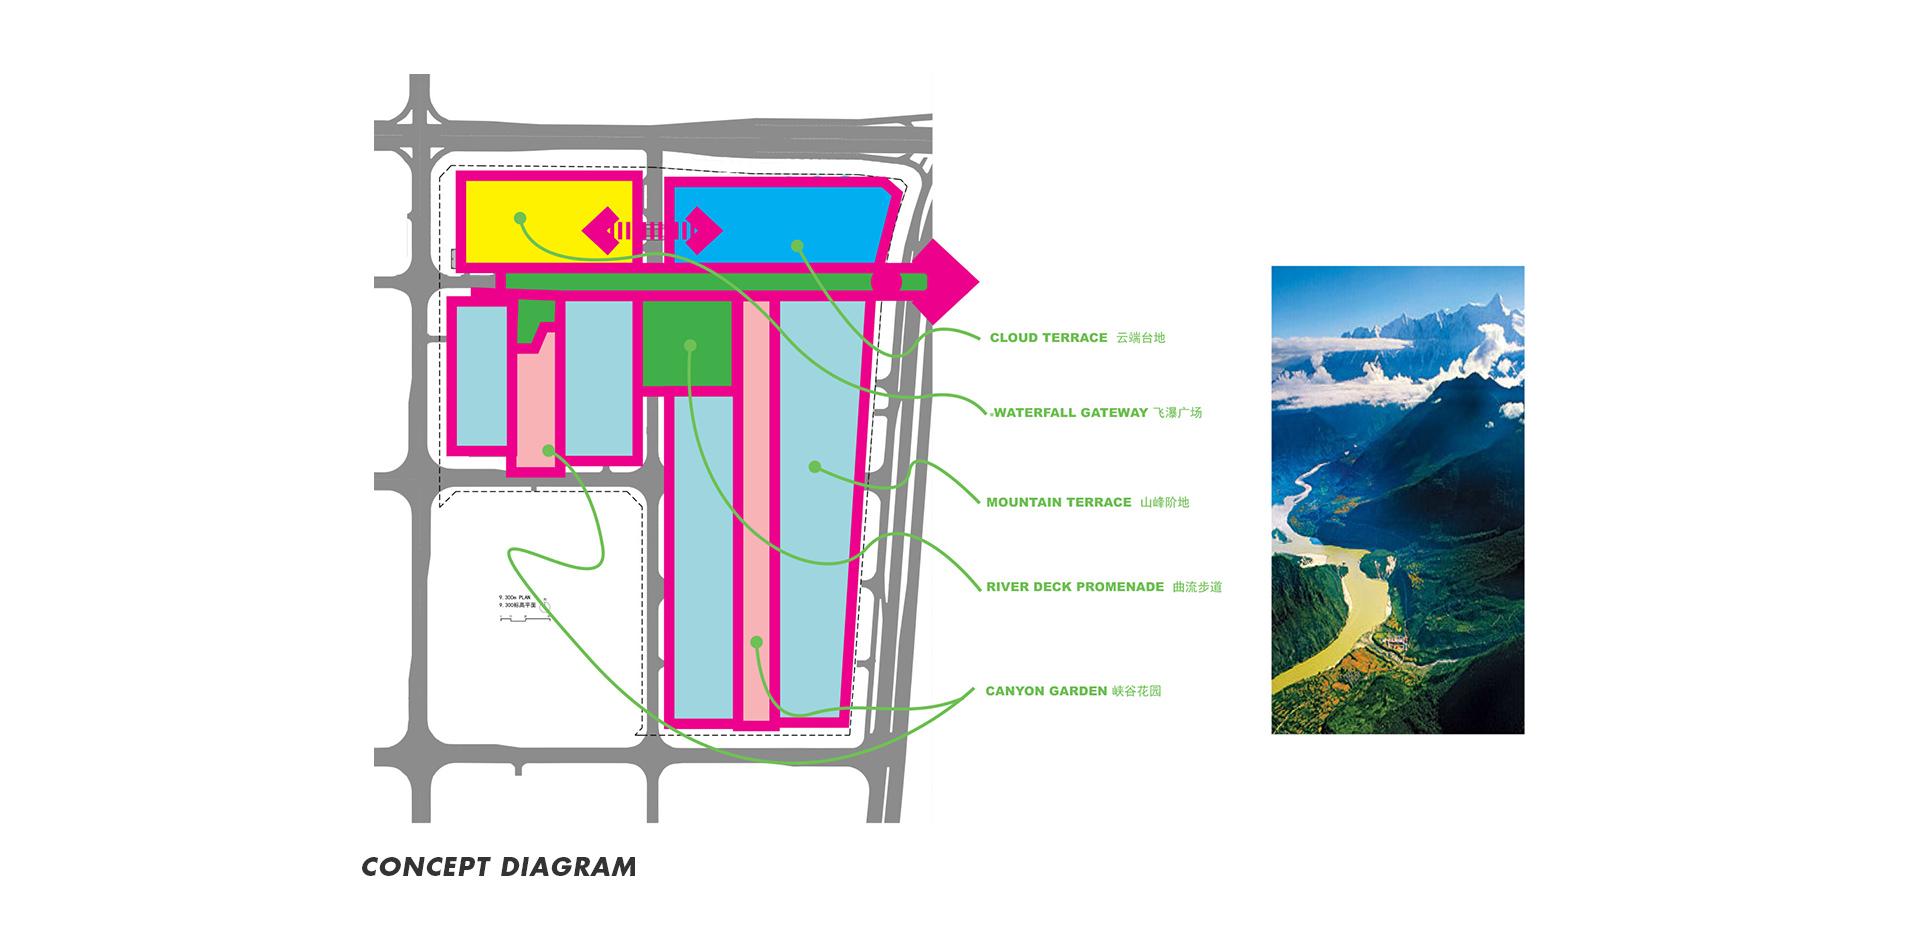 Shenzhen_concept-diagram